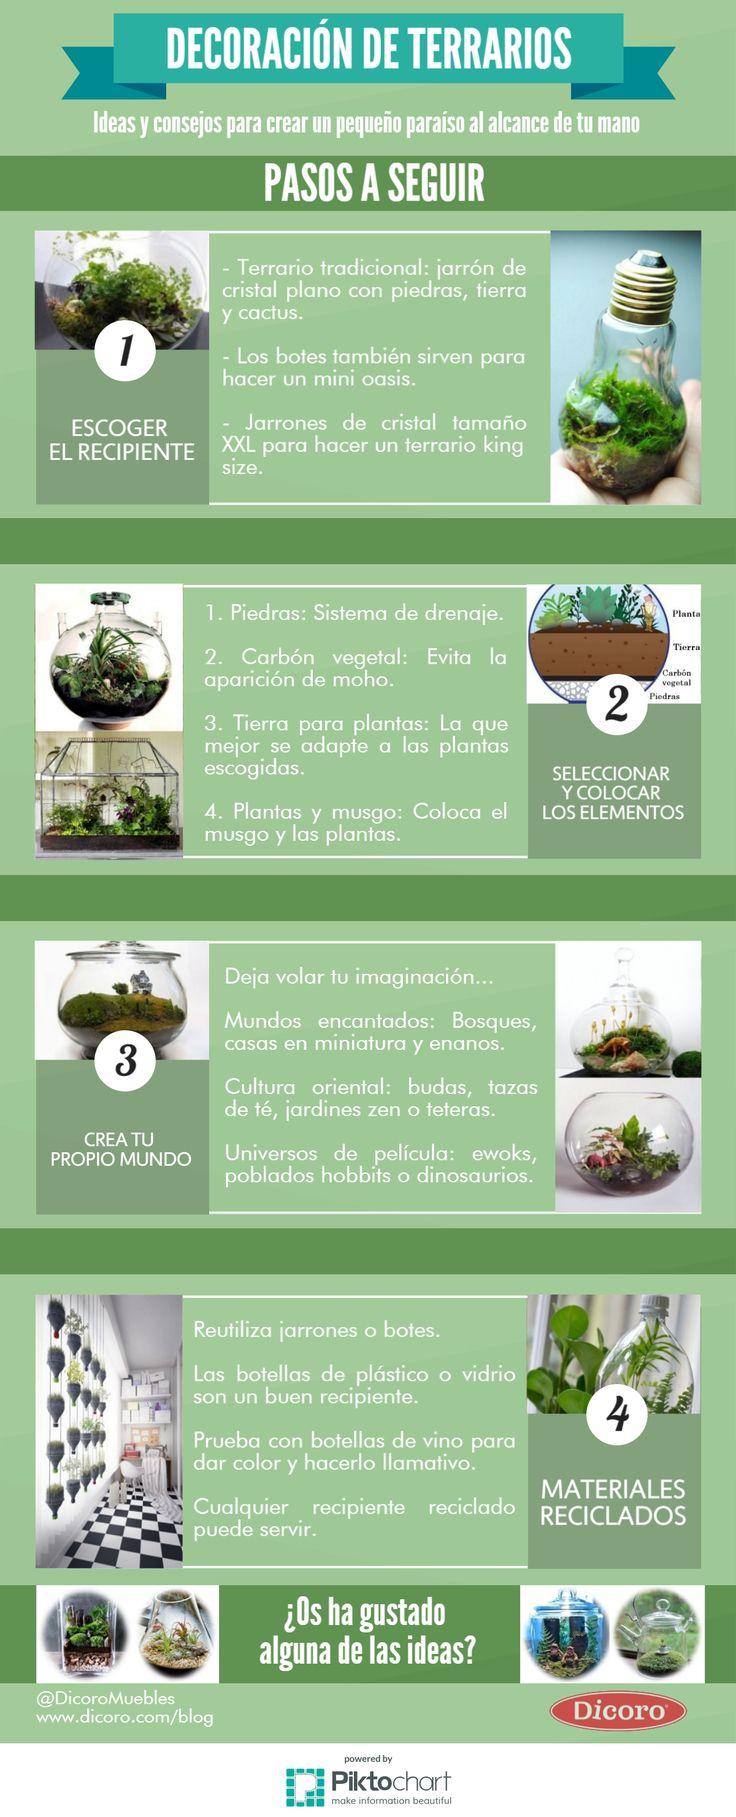 17 migliori idee su terrario su pinterest terrario - Decoracion para terrarios ...